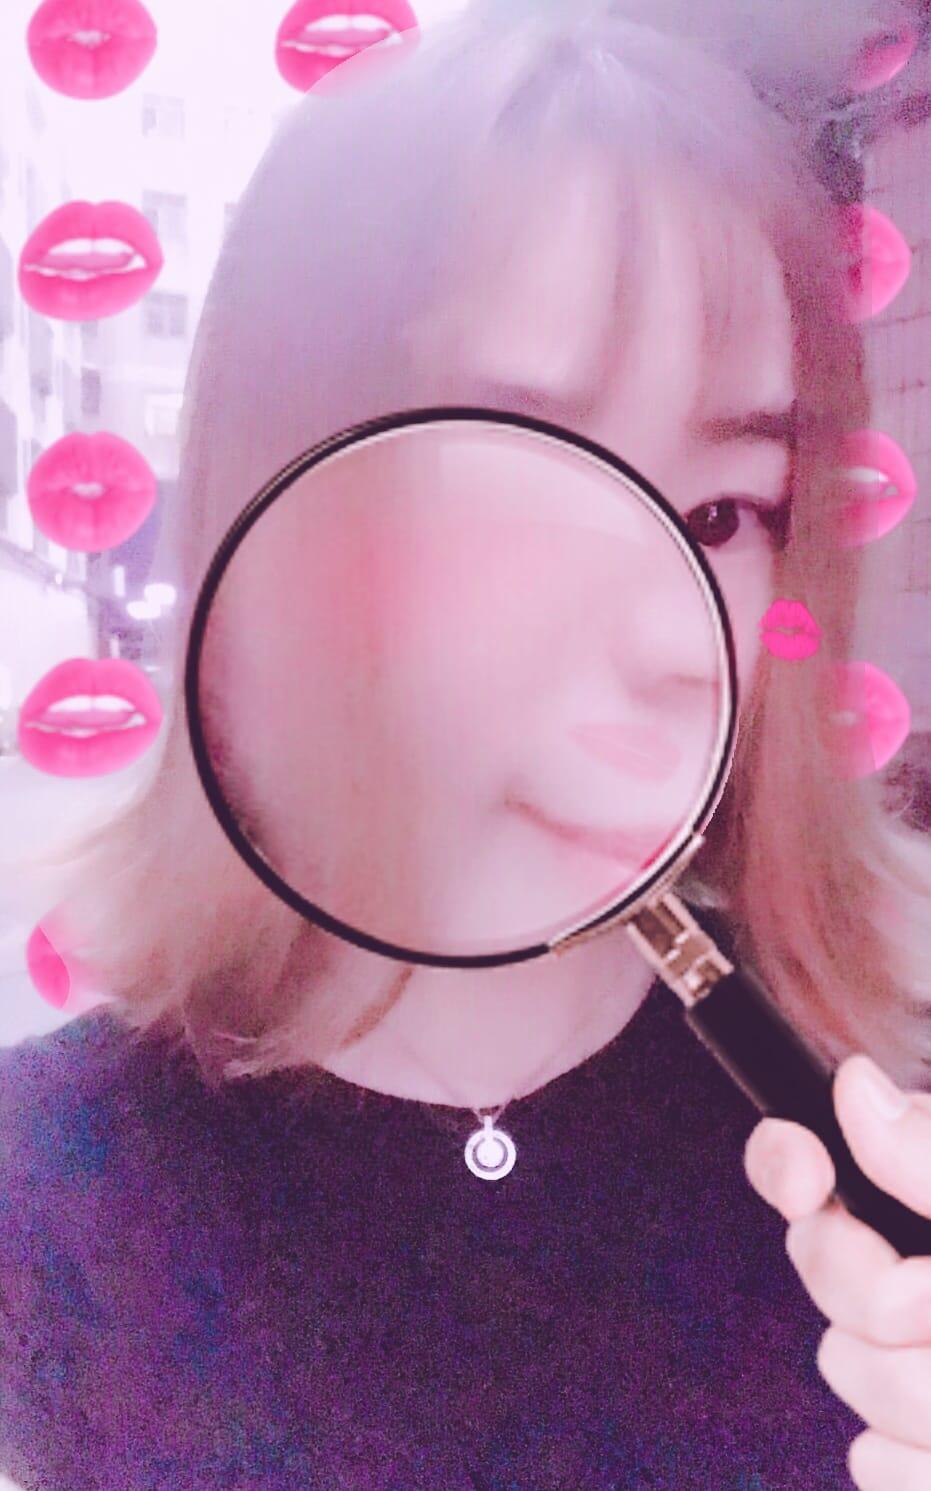 「ただいま♪」08/19(日) 13:14   ルナの写メ・風俗動画